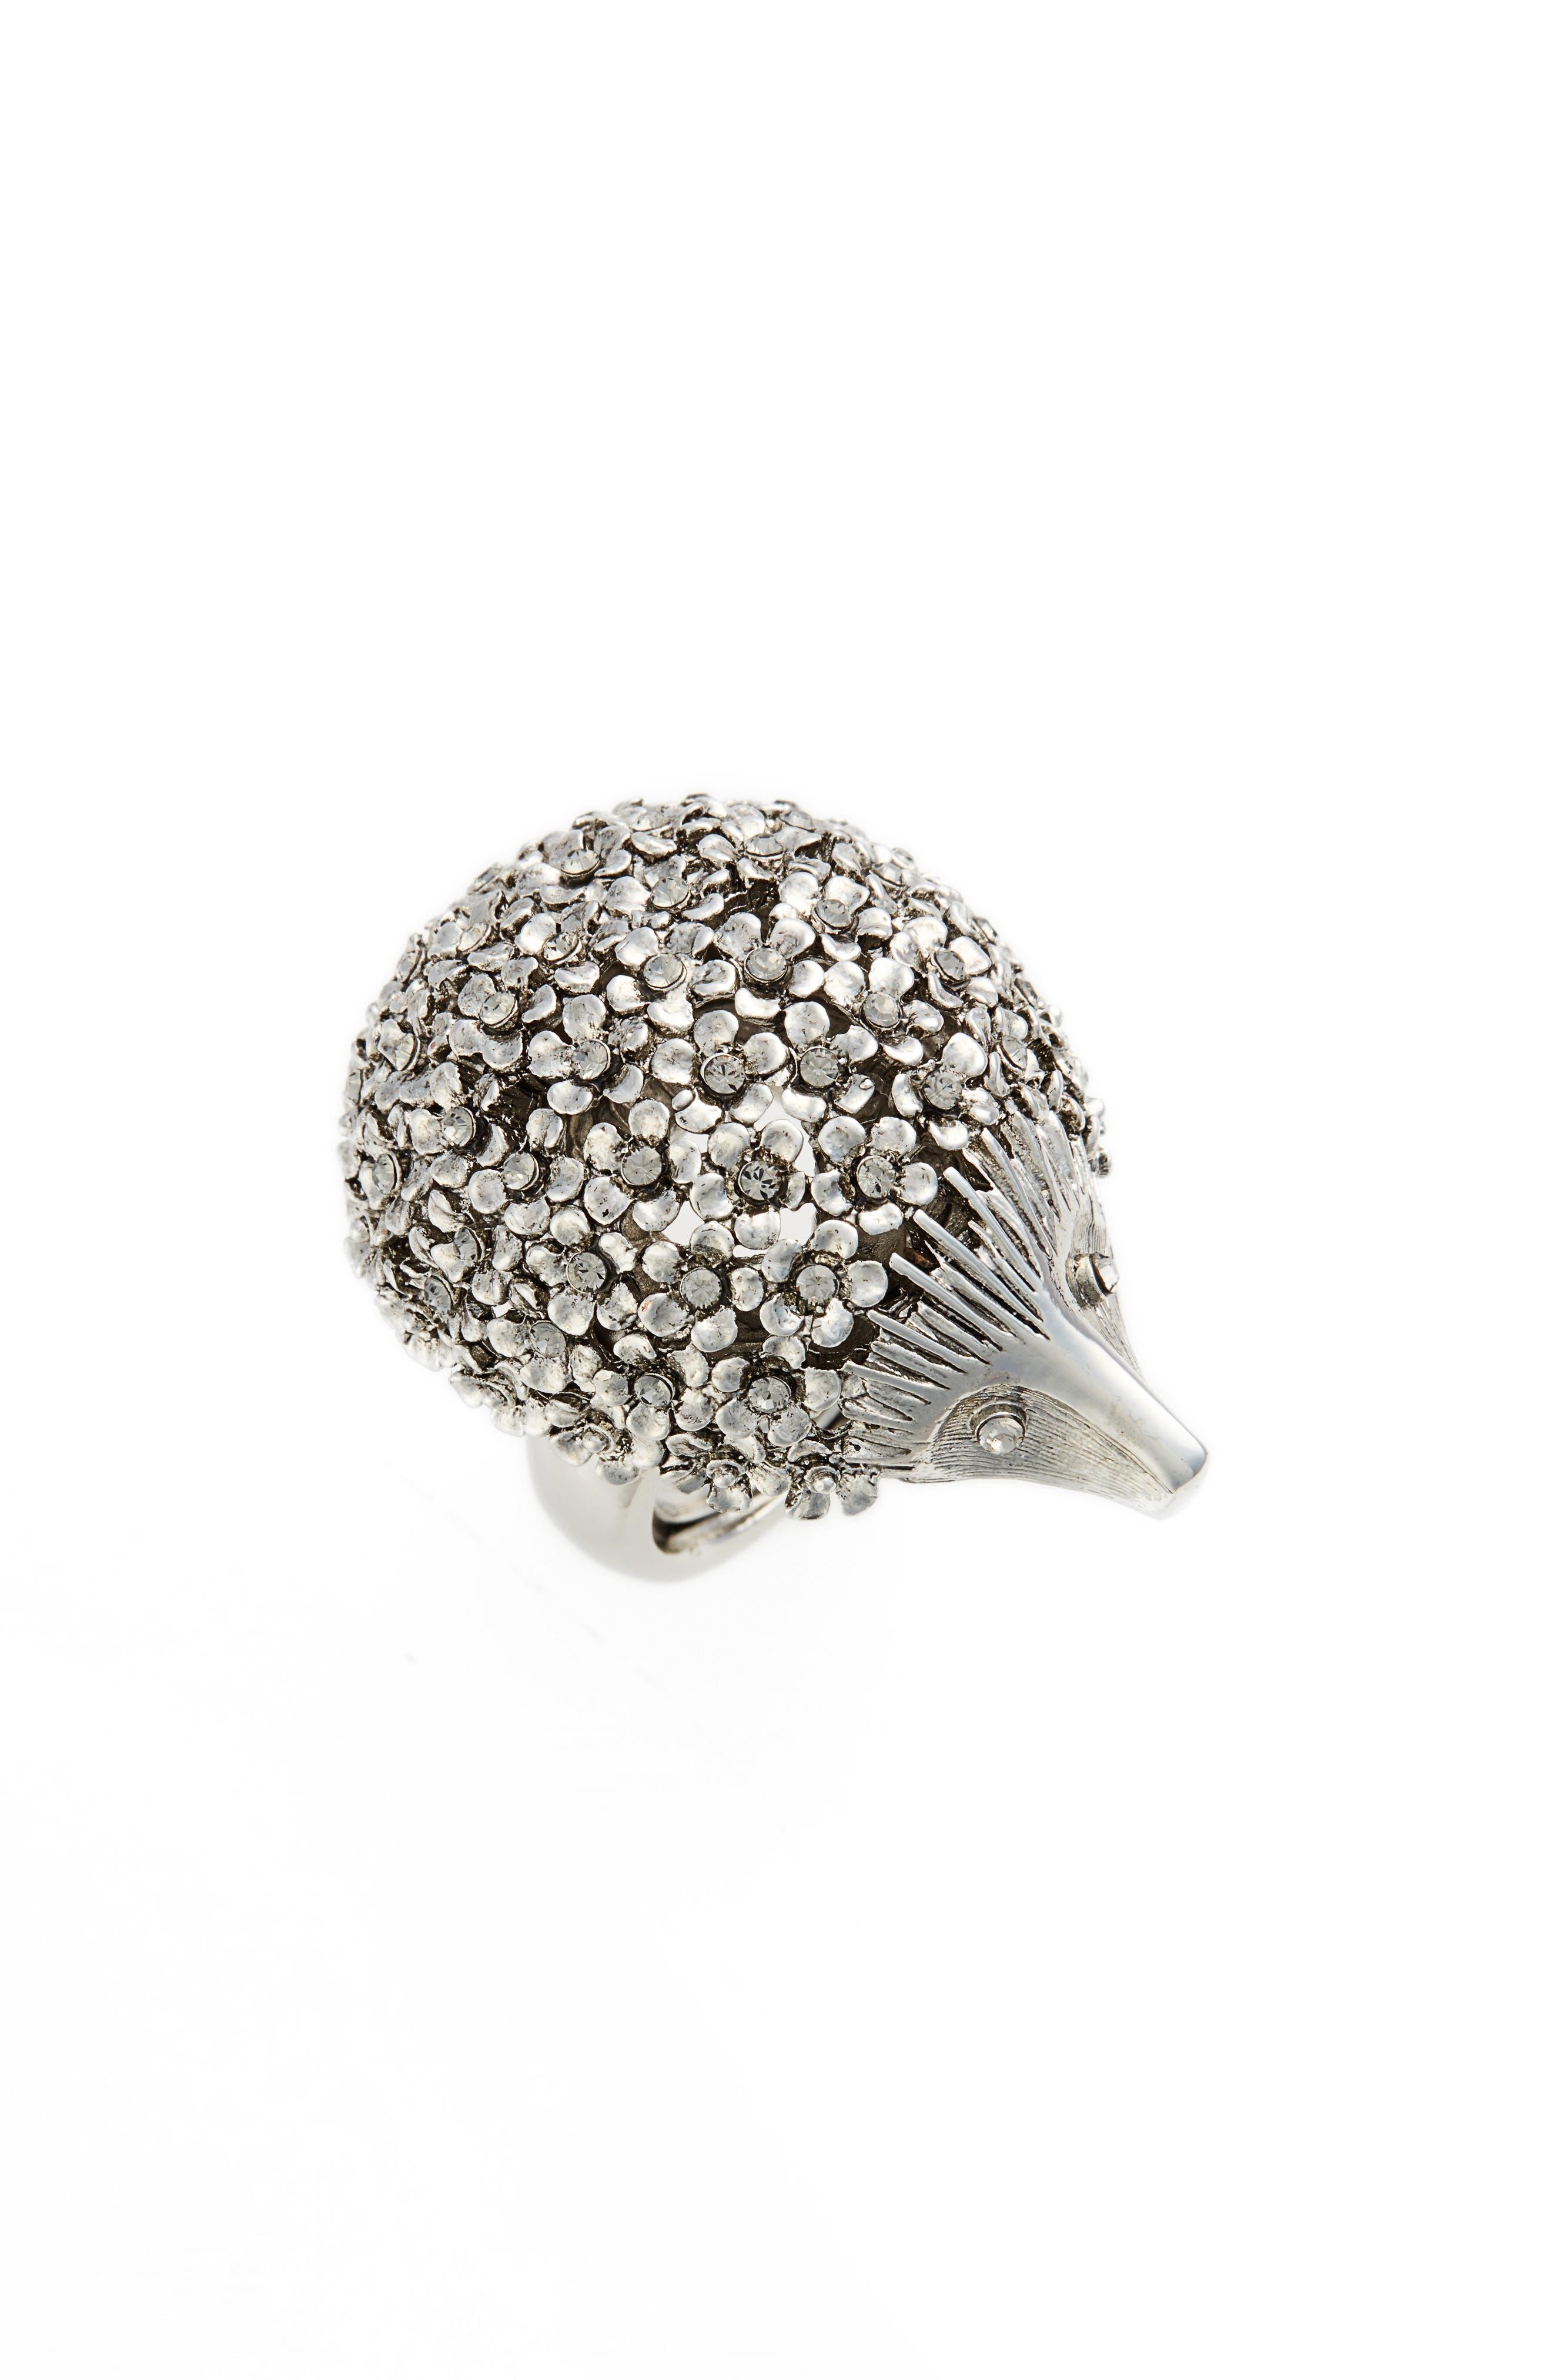 Crystal Hedgehog Ring,                             Main thumbnail 1, color,                             001